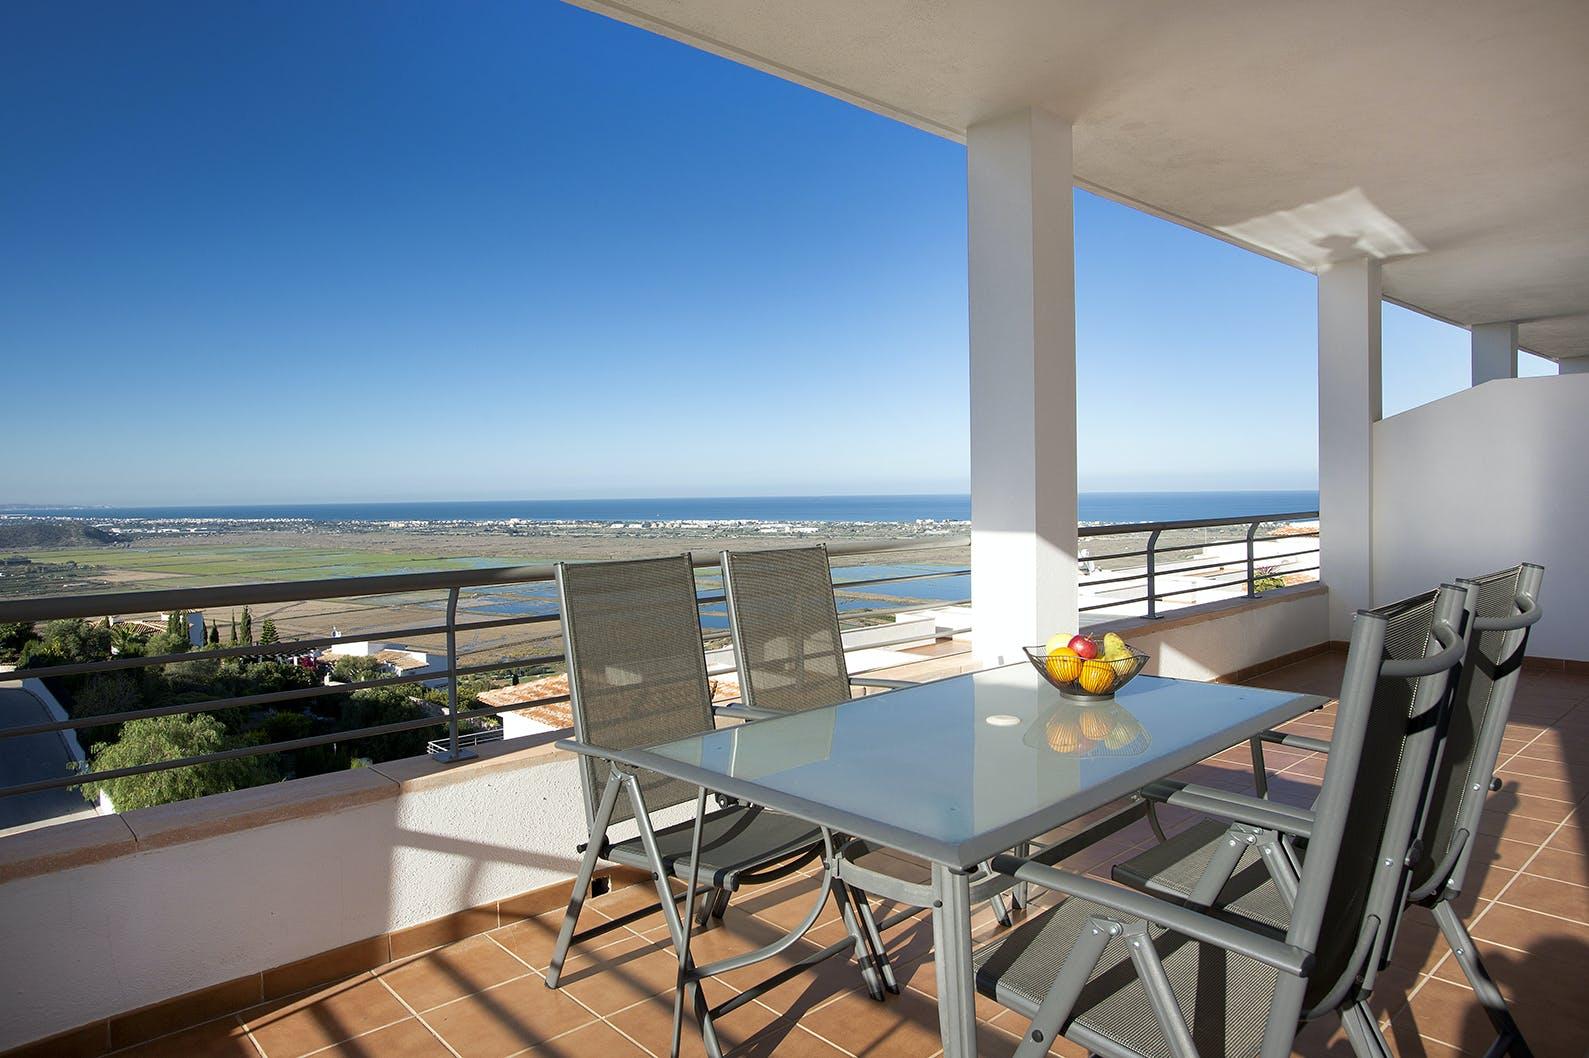 Two Bedroom Deluxe Sea View | Complejo Bellavista Residencial